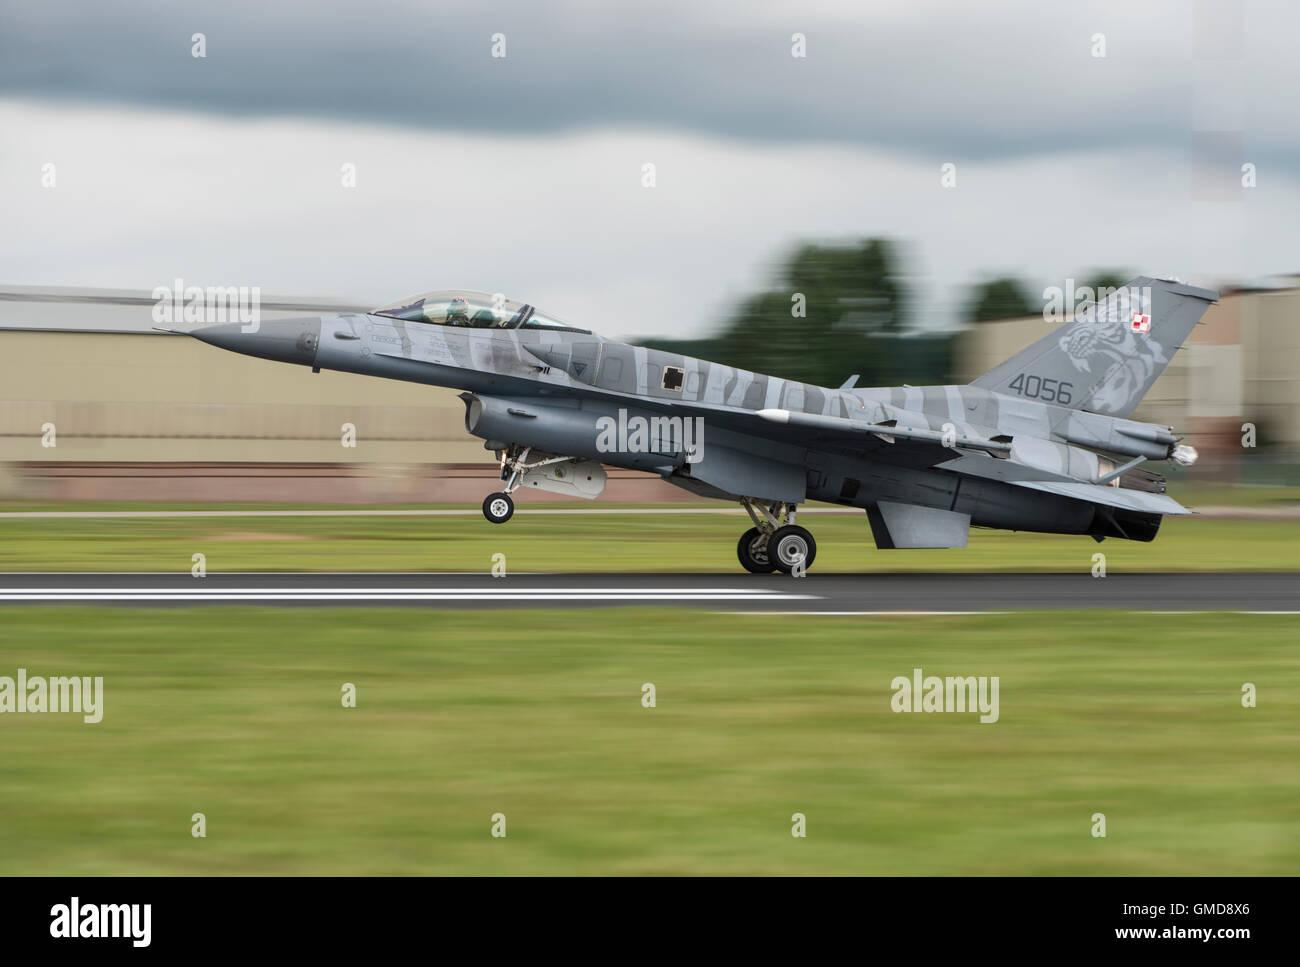 Dynamique générale Lockheed Martin F-16C Fighting Falcon Jet Fighter 4056 militaires de l'Armée de l'Air polonaise atterrit à l'RIAT Banque D'Images